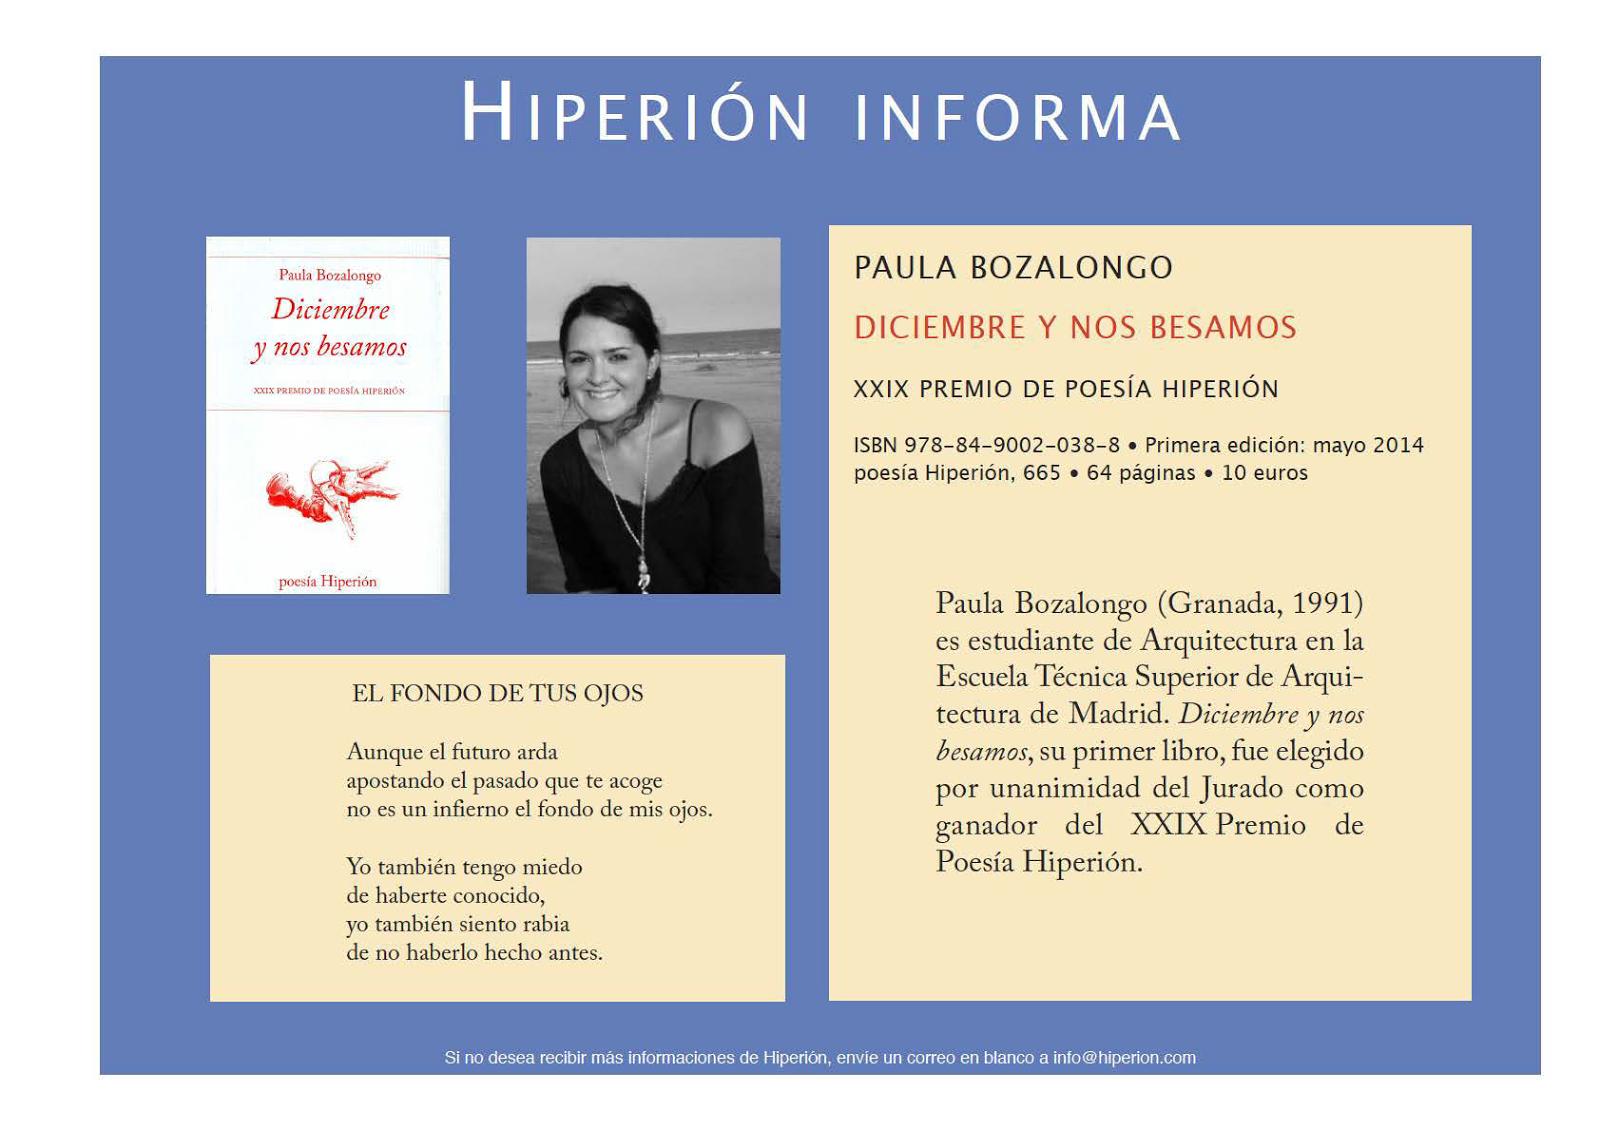 foto, nota biográfica y poesía de la autora